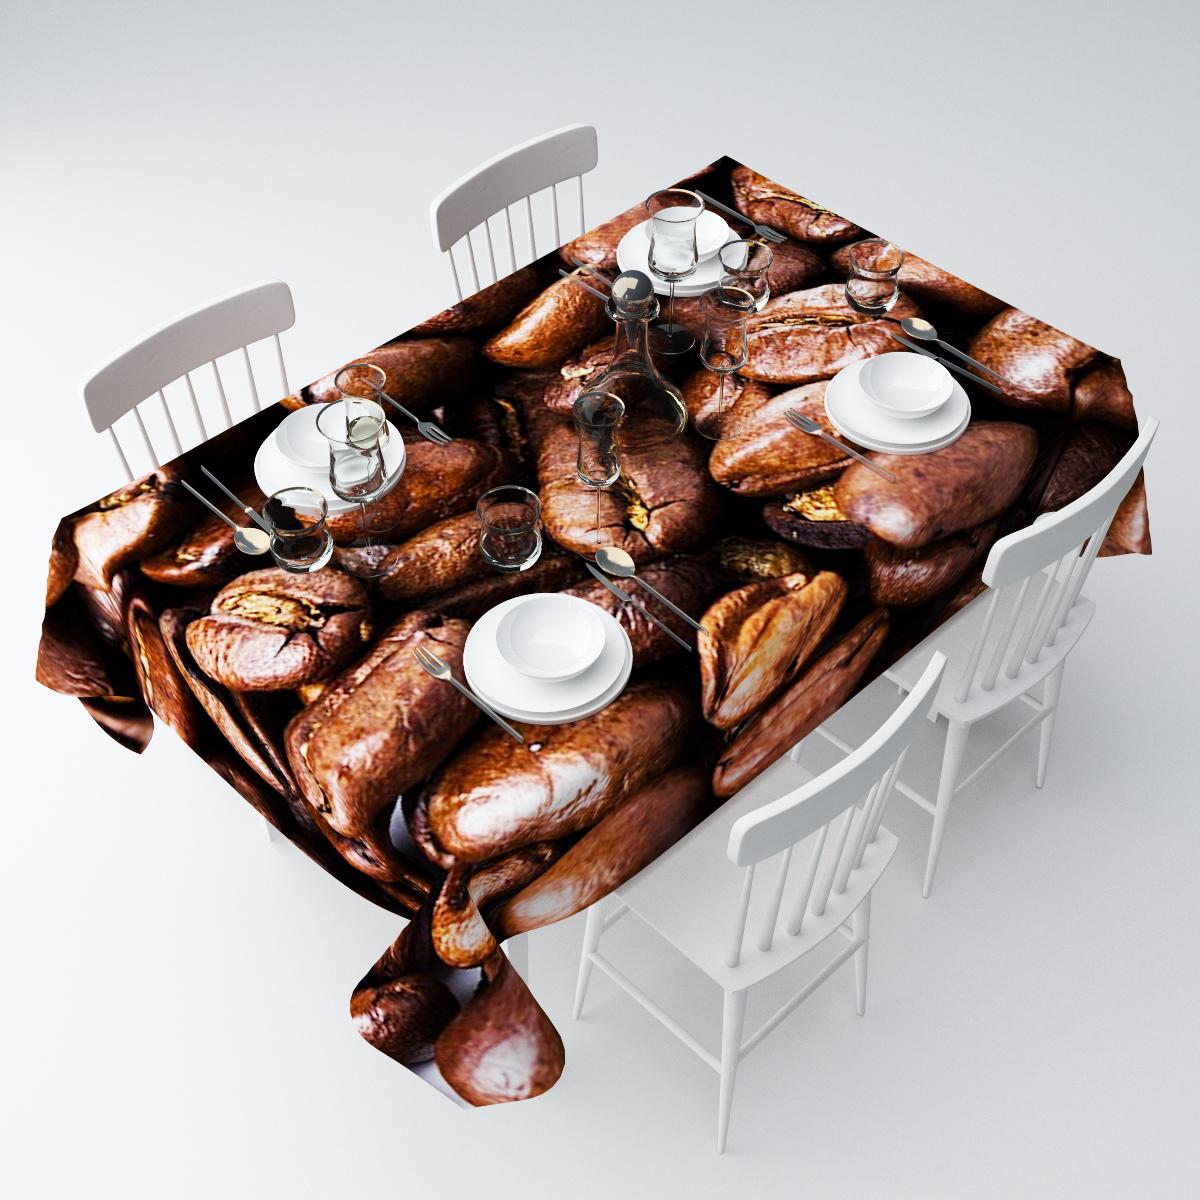 Скатерть Сирень Ароматный кофе, прямоугольная, 145 х 220 смСКГБ004-00992Скатерть Сирень с ярким и объемным рисунком преобразит Вашу кухню, визуально расширит пространство, создаст атмосферу радости и комфорта. Размеры: 145х220 Рекомендации по уходу: стирка при 30 градусах гладить при температуре до 110 градусов Изображение на мониторе может немного отличаться от реального.